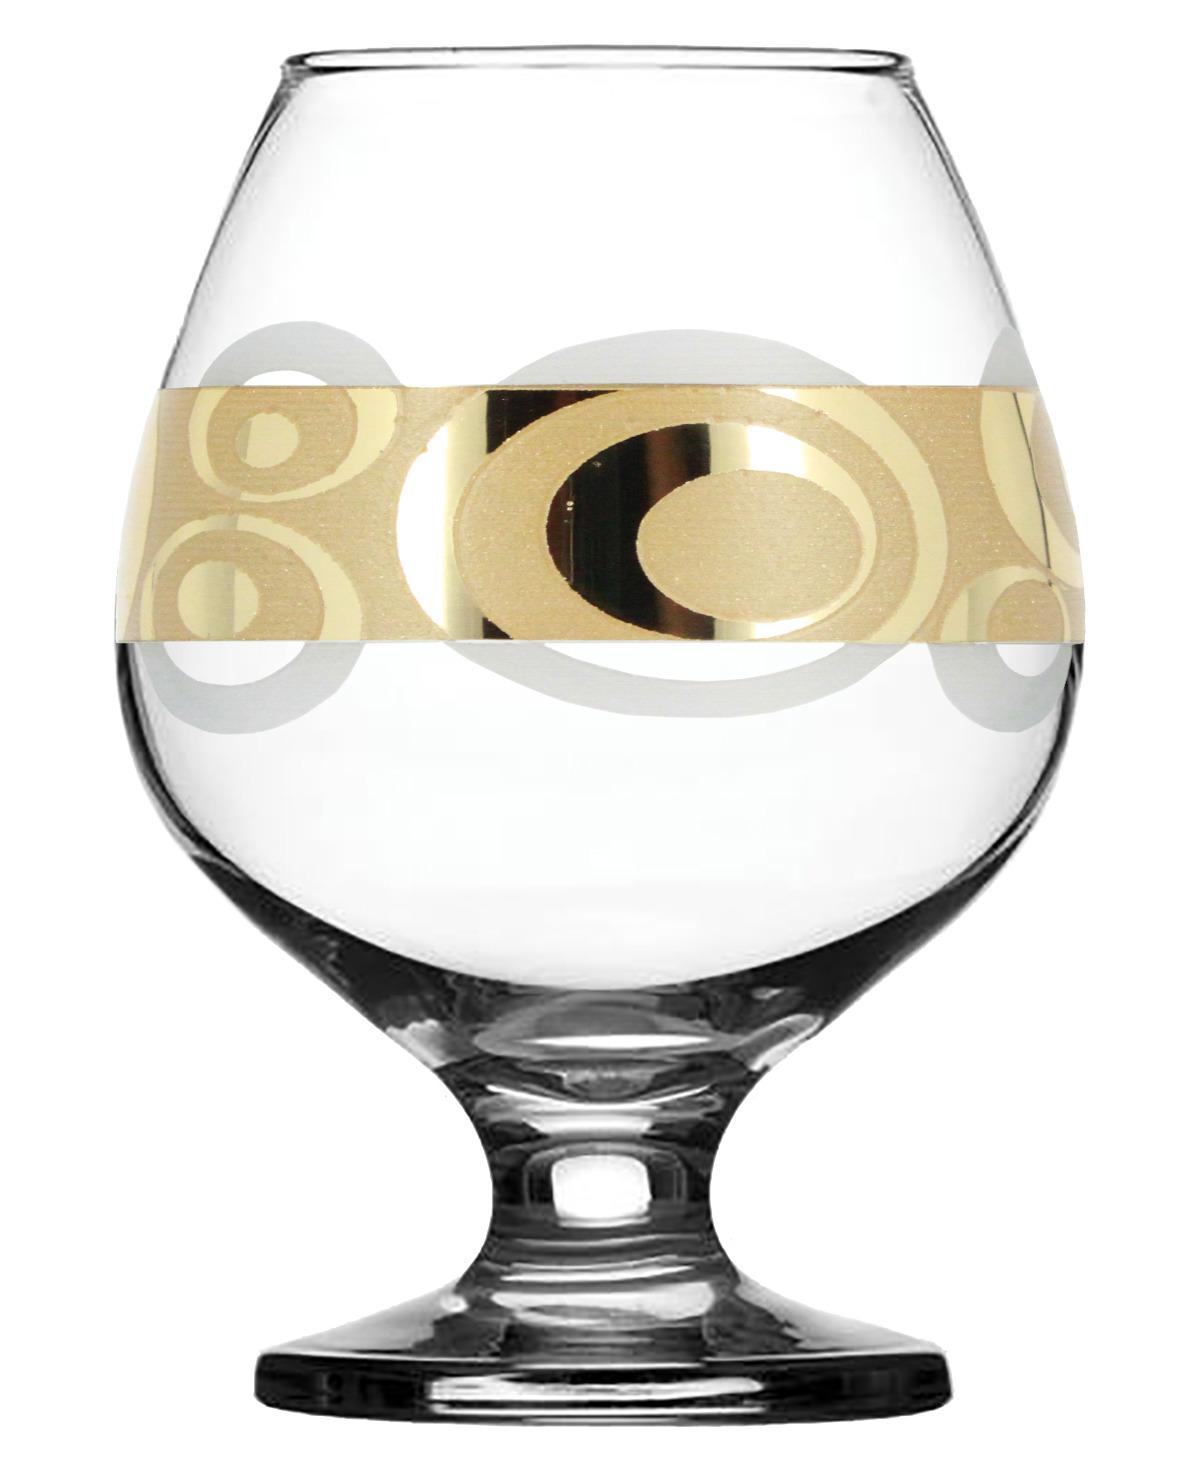 Набор бокалов для бренди Гусь-Хрустальный Сияние, EAV27-188, 400 мл, 6 шт набор бокалов гусь хрустальный золотой карат